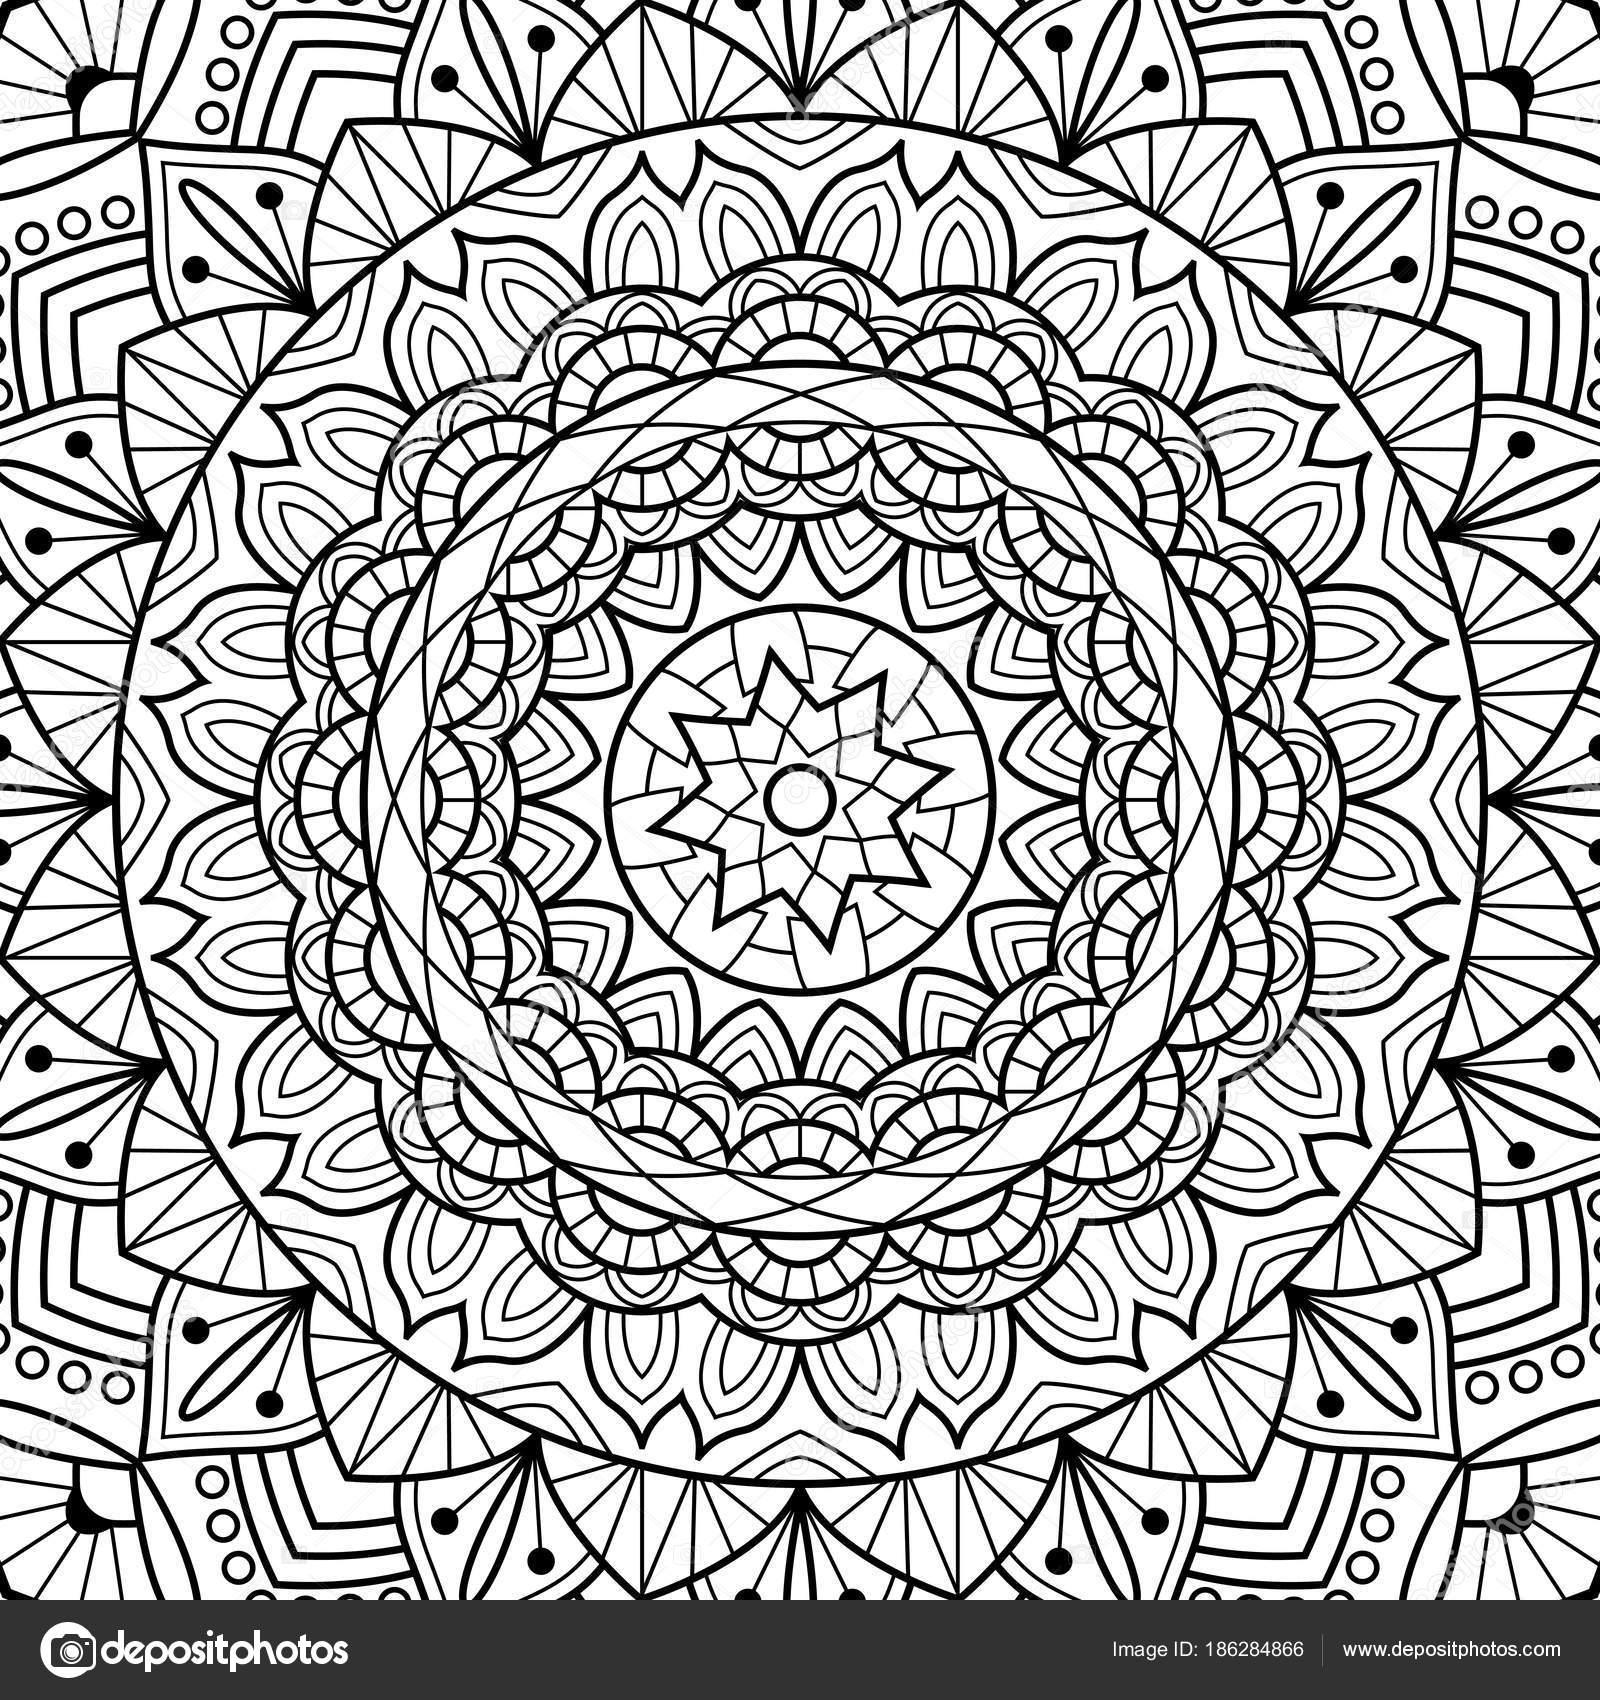 Dibujos para colorear libro. Mandala. India medallón antiestrés ...